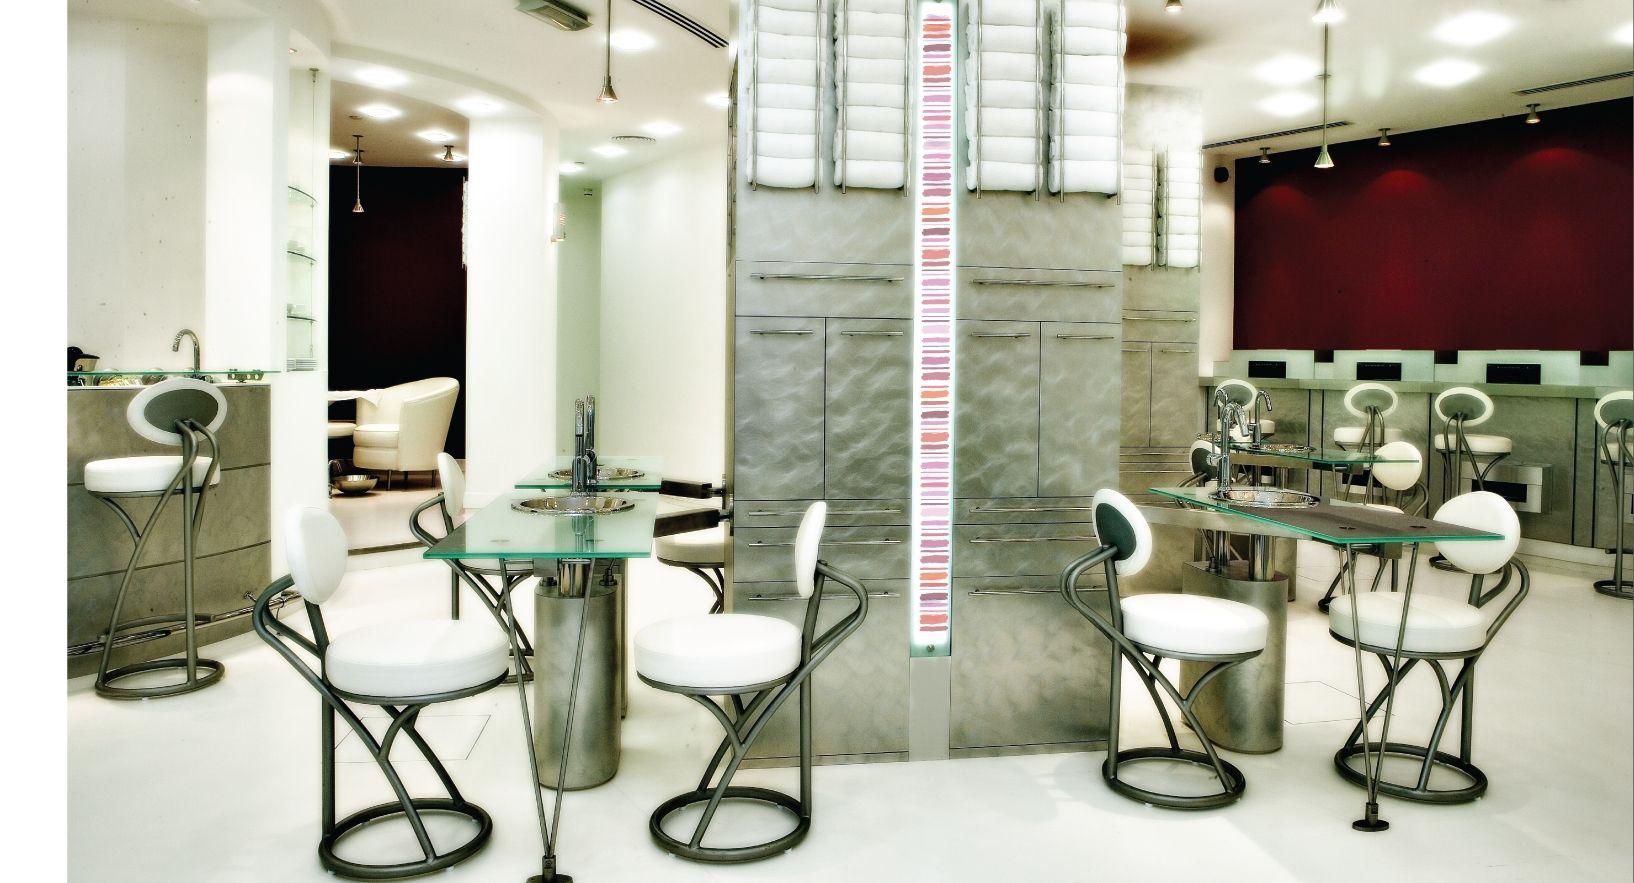 Nail salon in Dubai Salon in dubai, Manicure, Nail salon